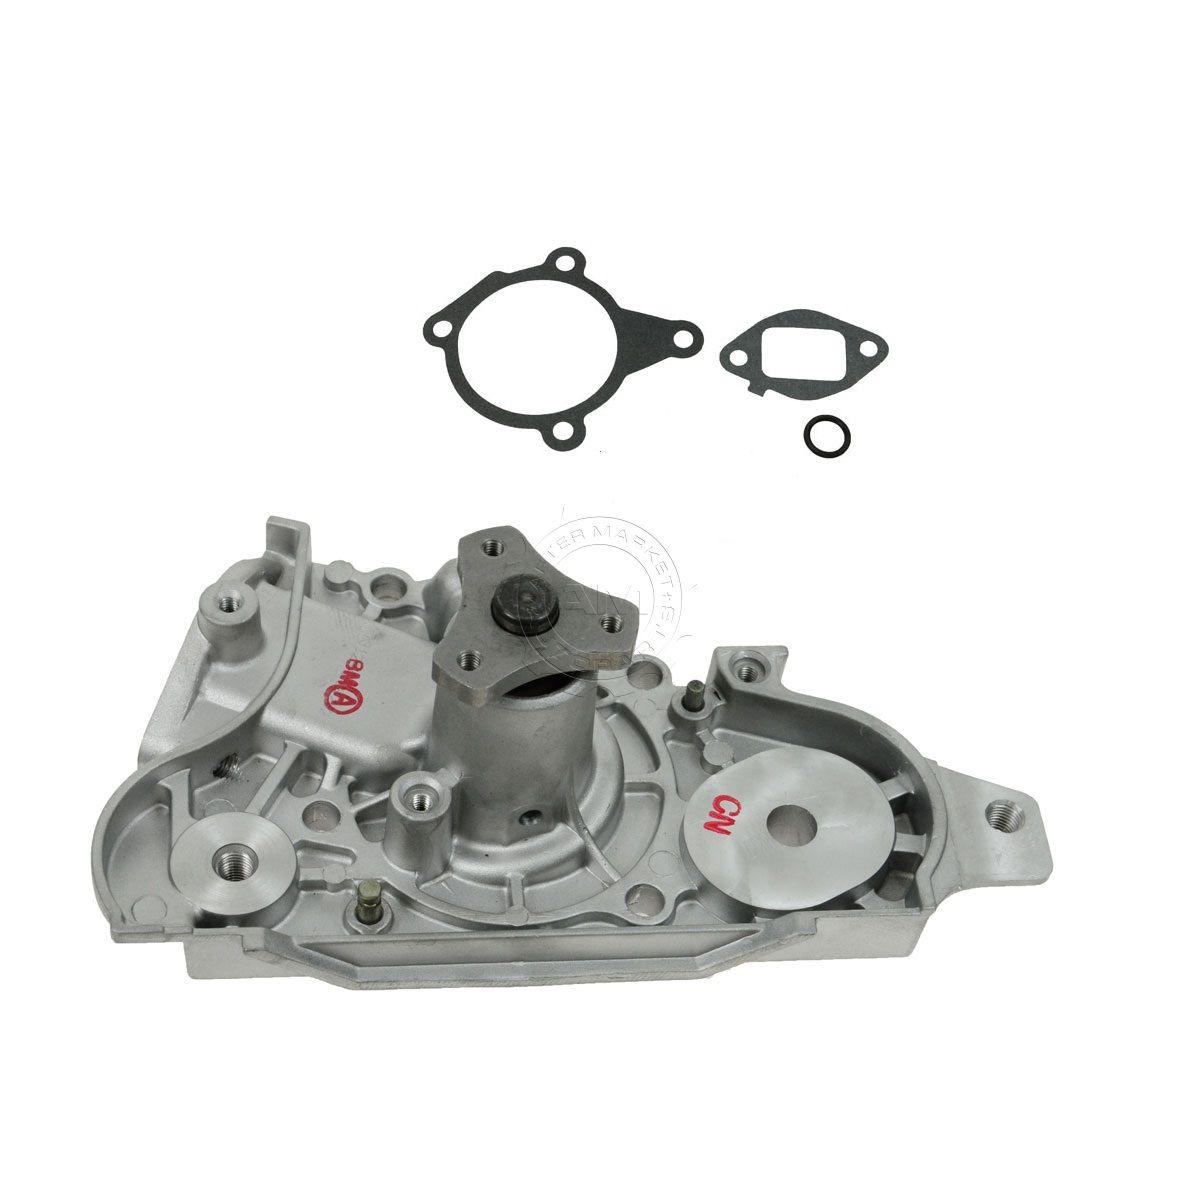 New Water Pump for 94-05 Mazda Protege Miata MX3 Kia Sephia 1.5 1.6 1.8L AW9305